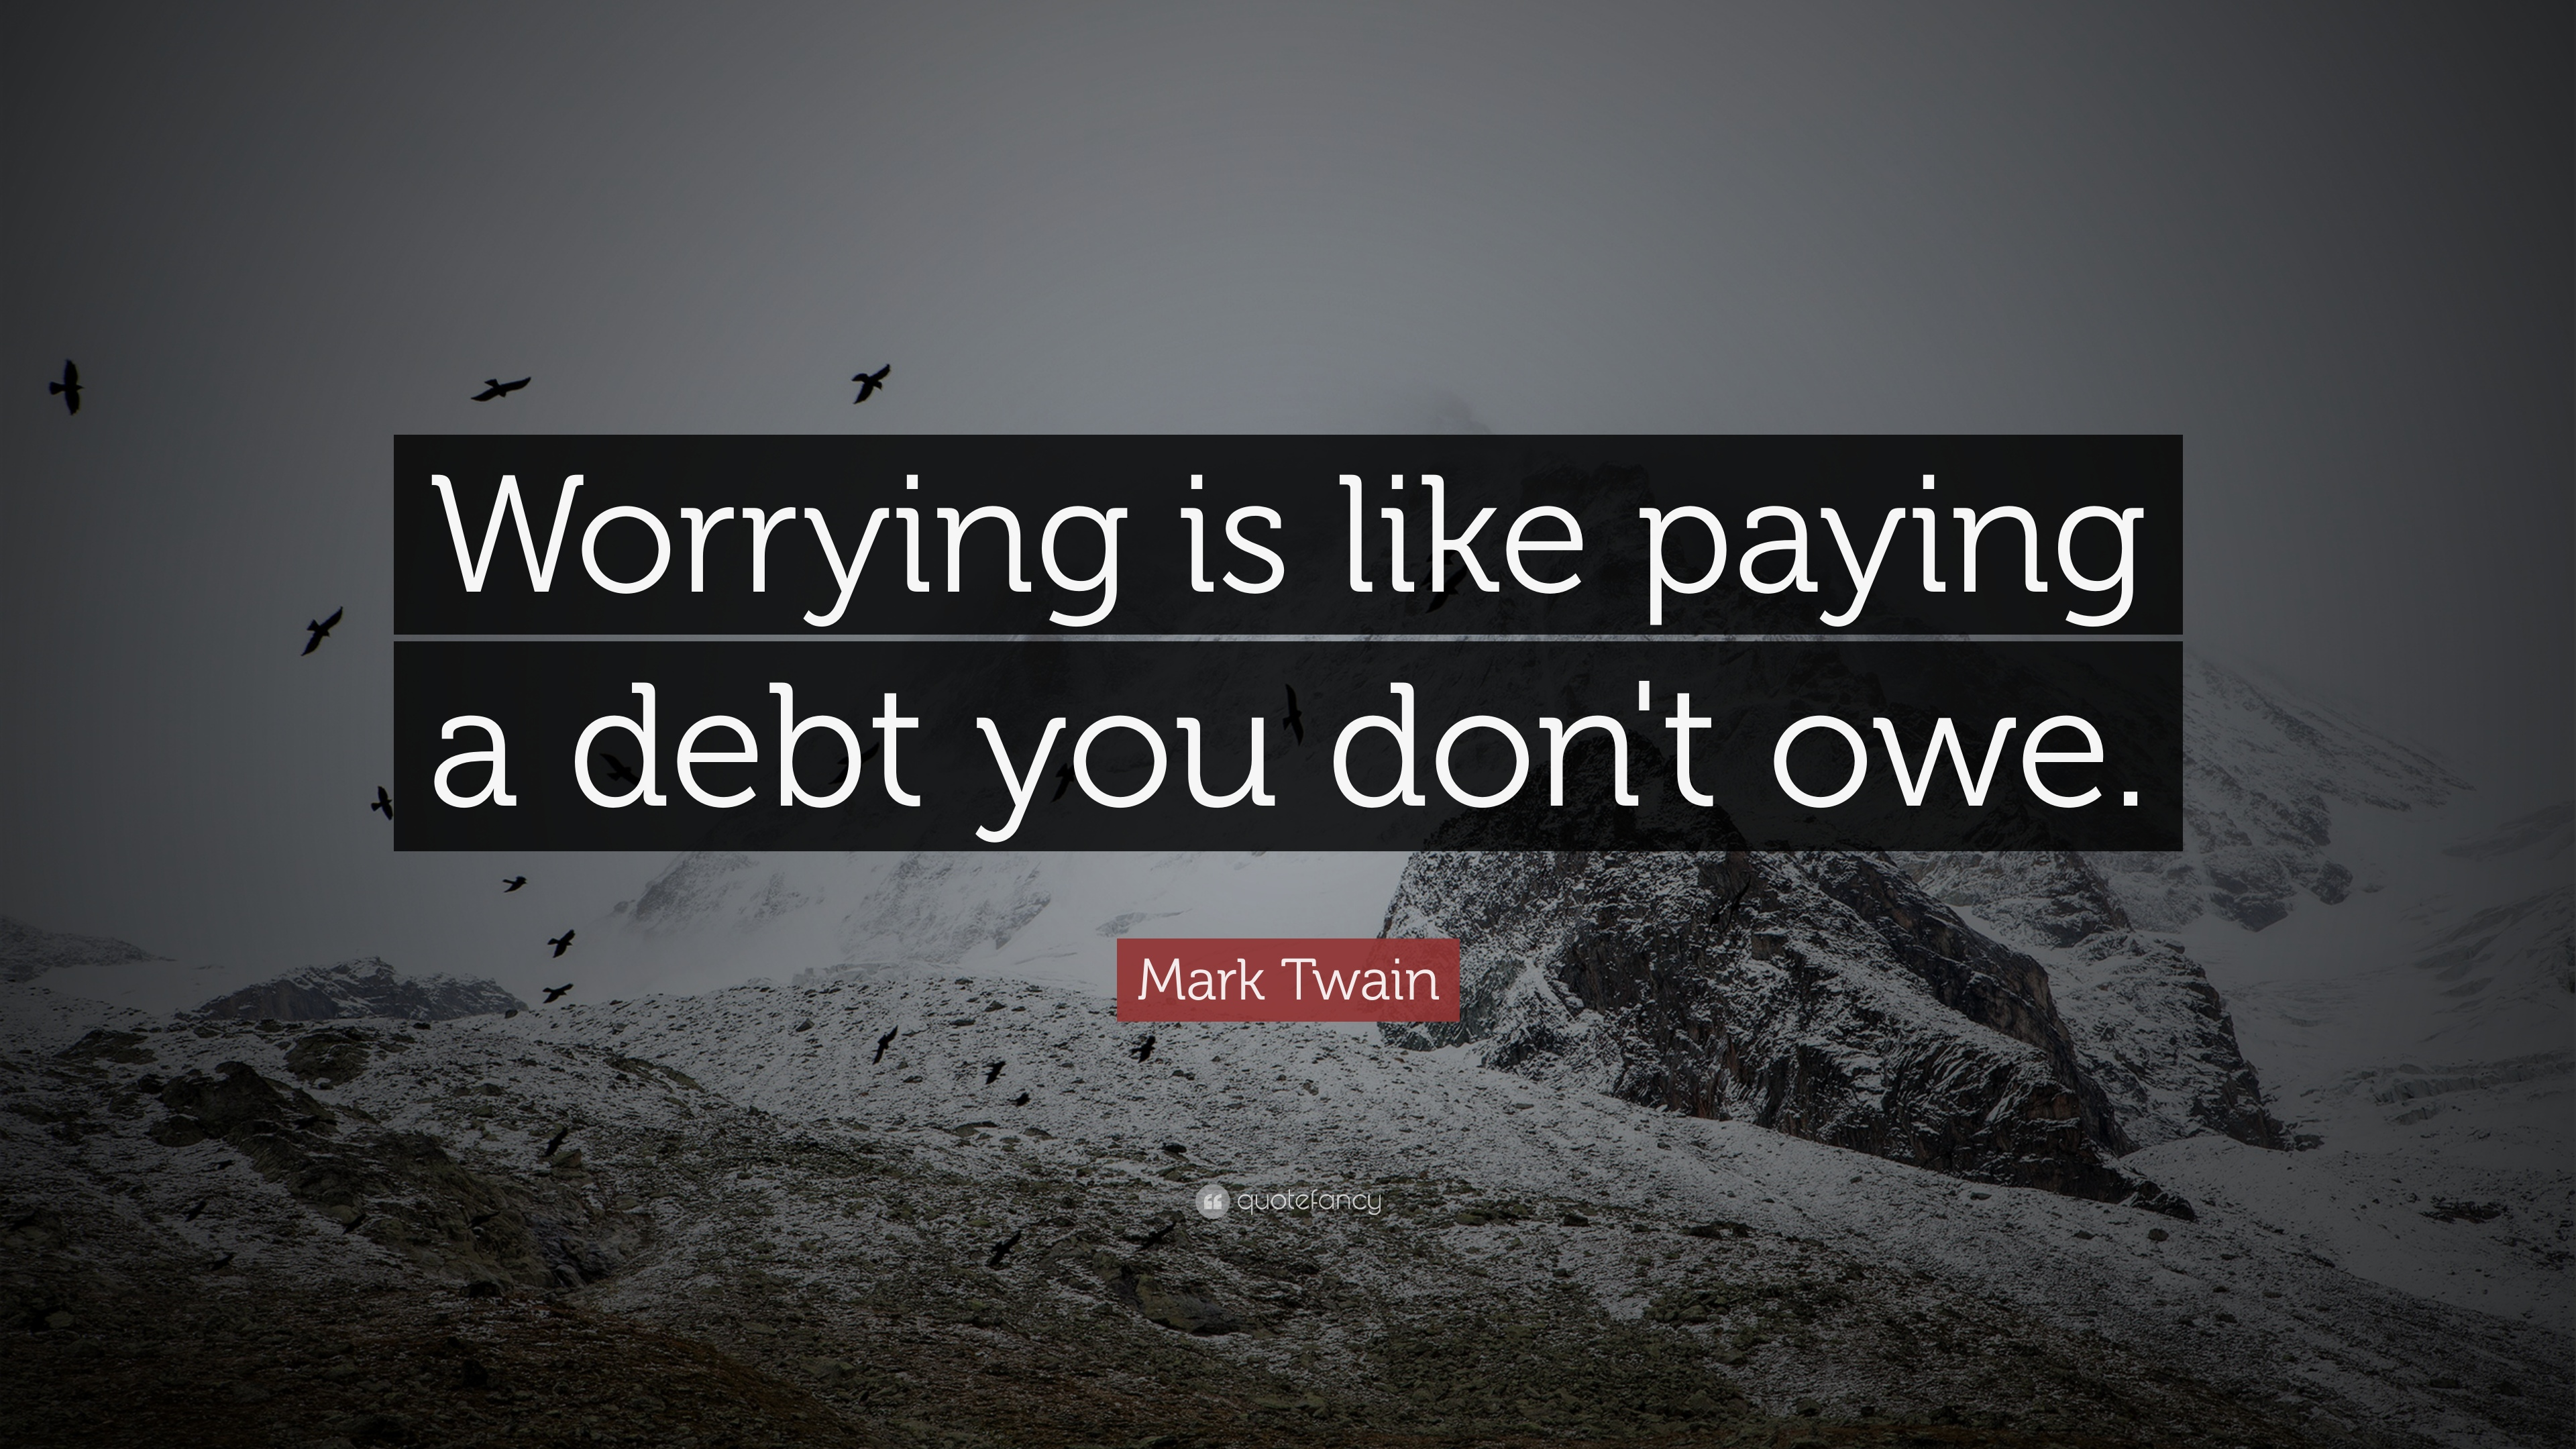 Mark Twain Quotes (500 wallpapers) - Quotefancy